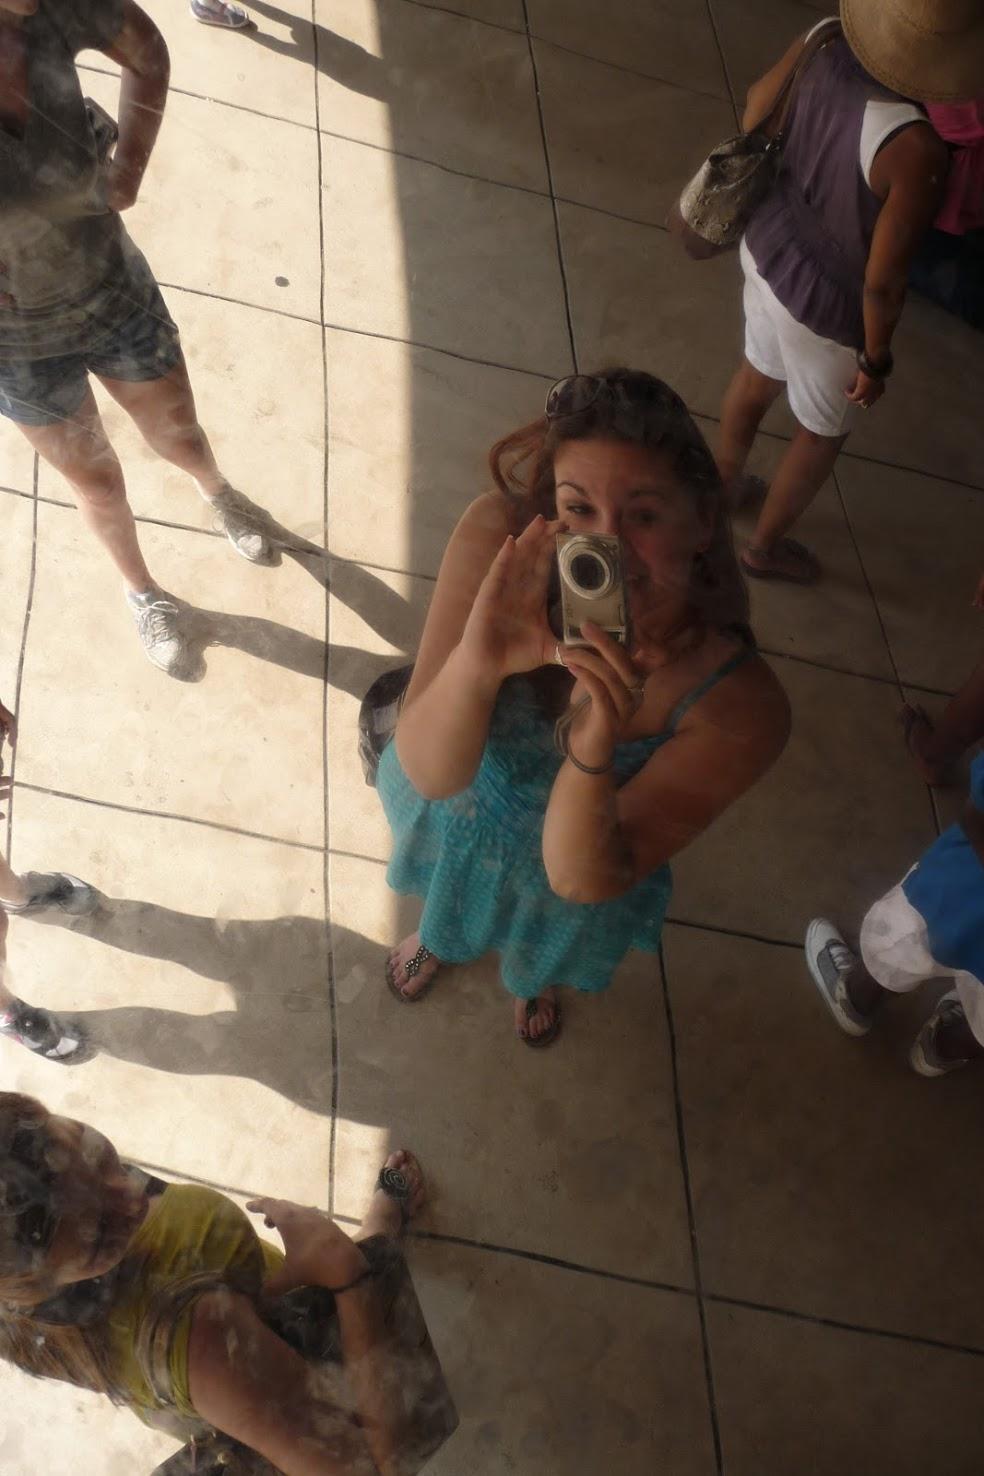 Selfie at the bean